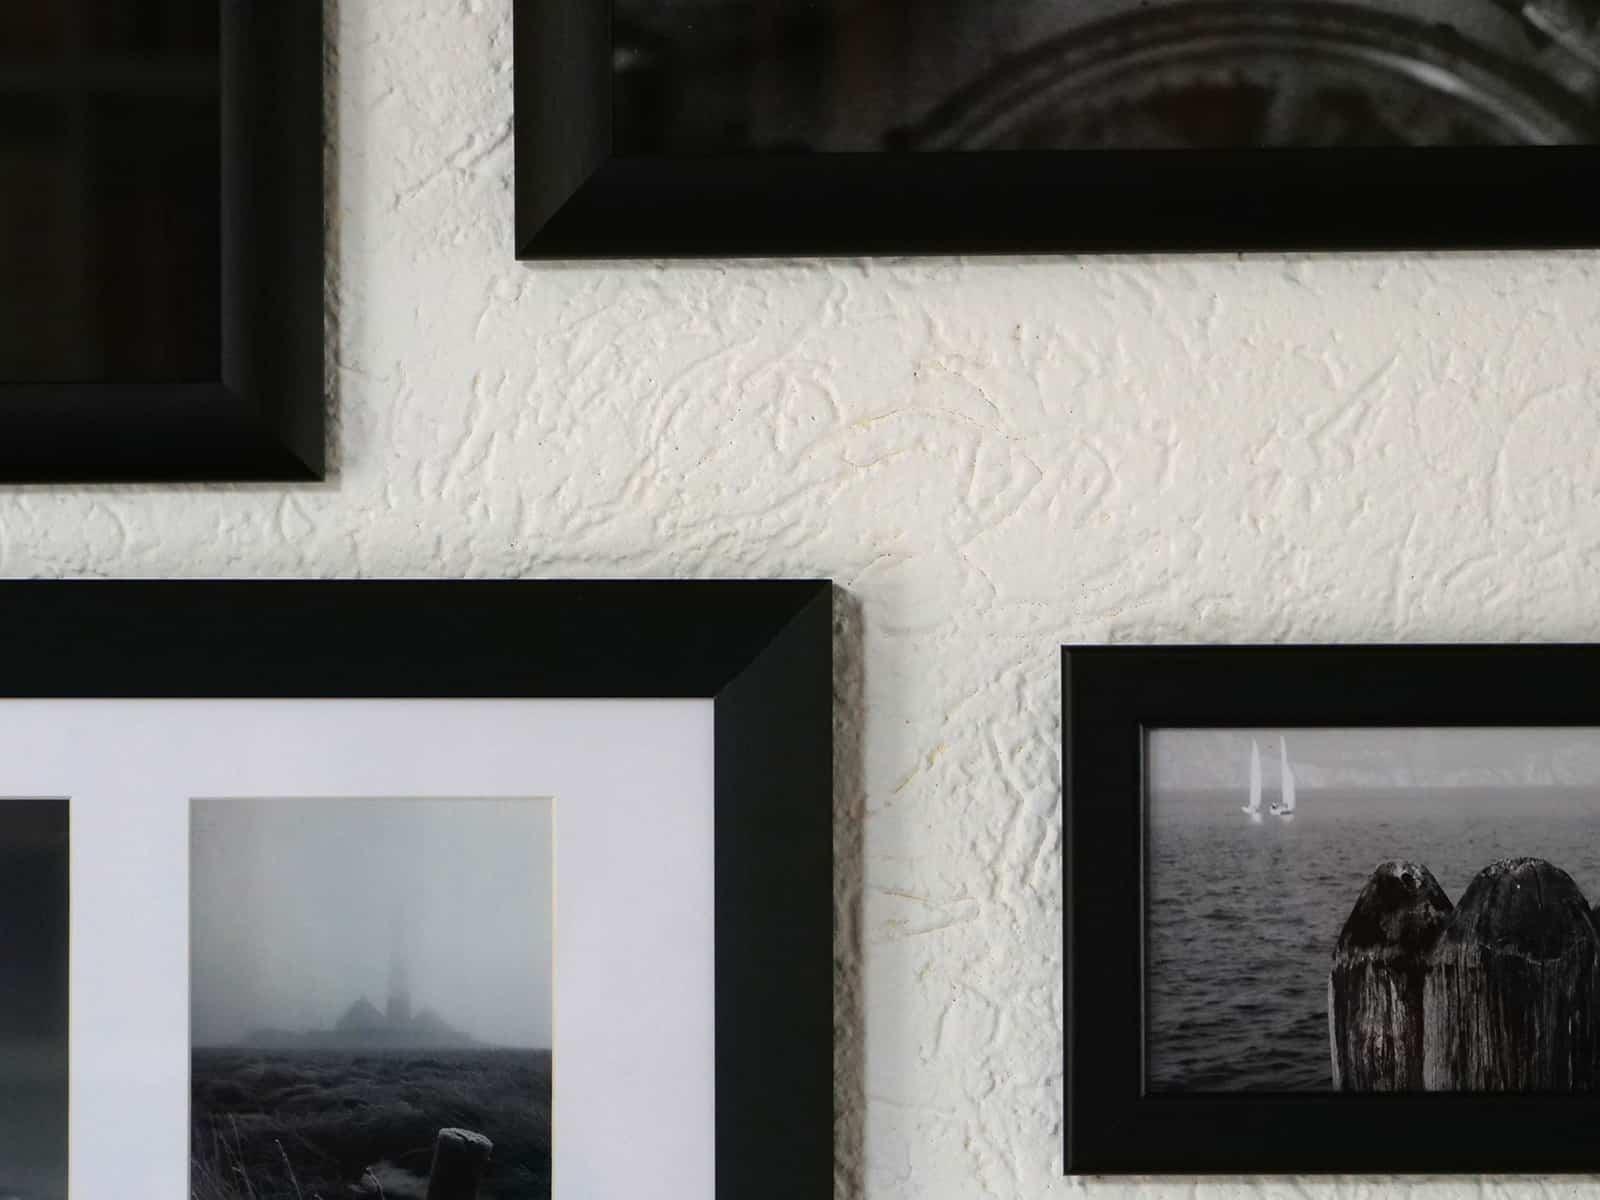 Bilderrahmen an der Wand, Ausschnitt